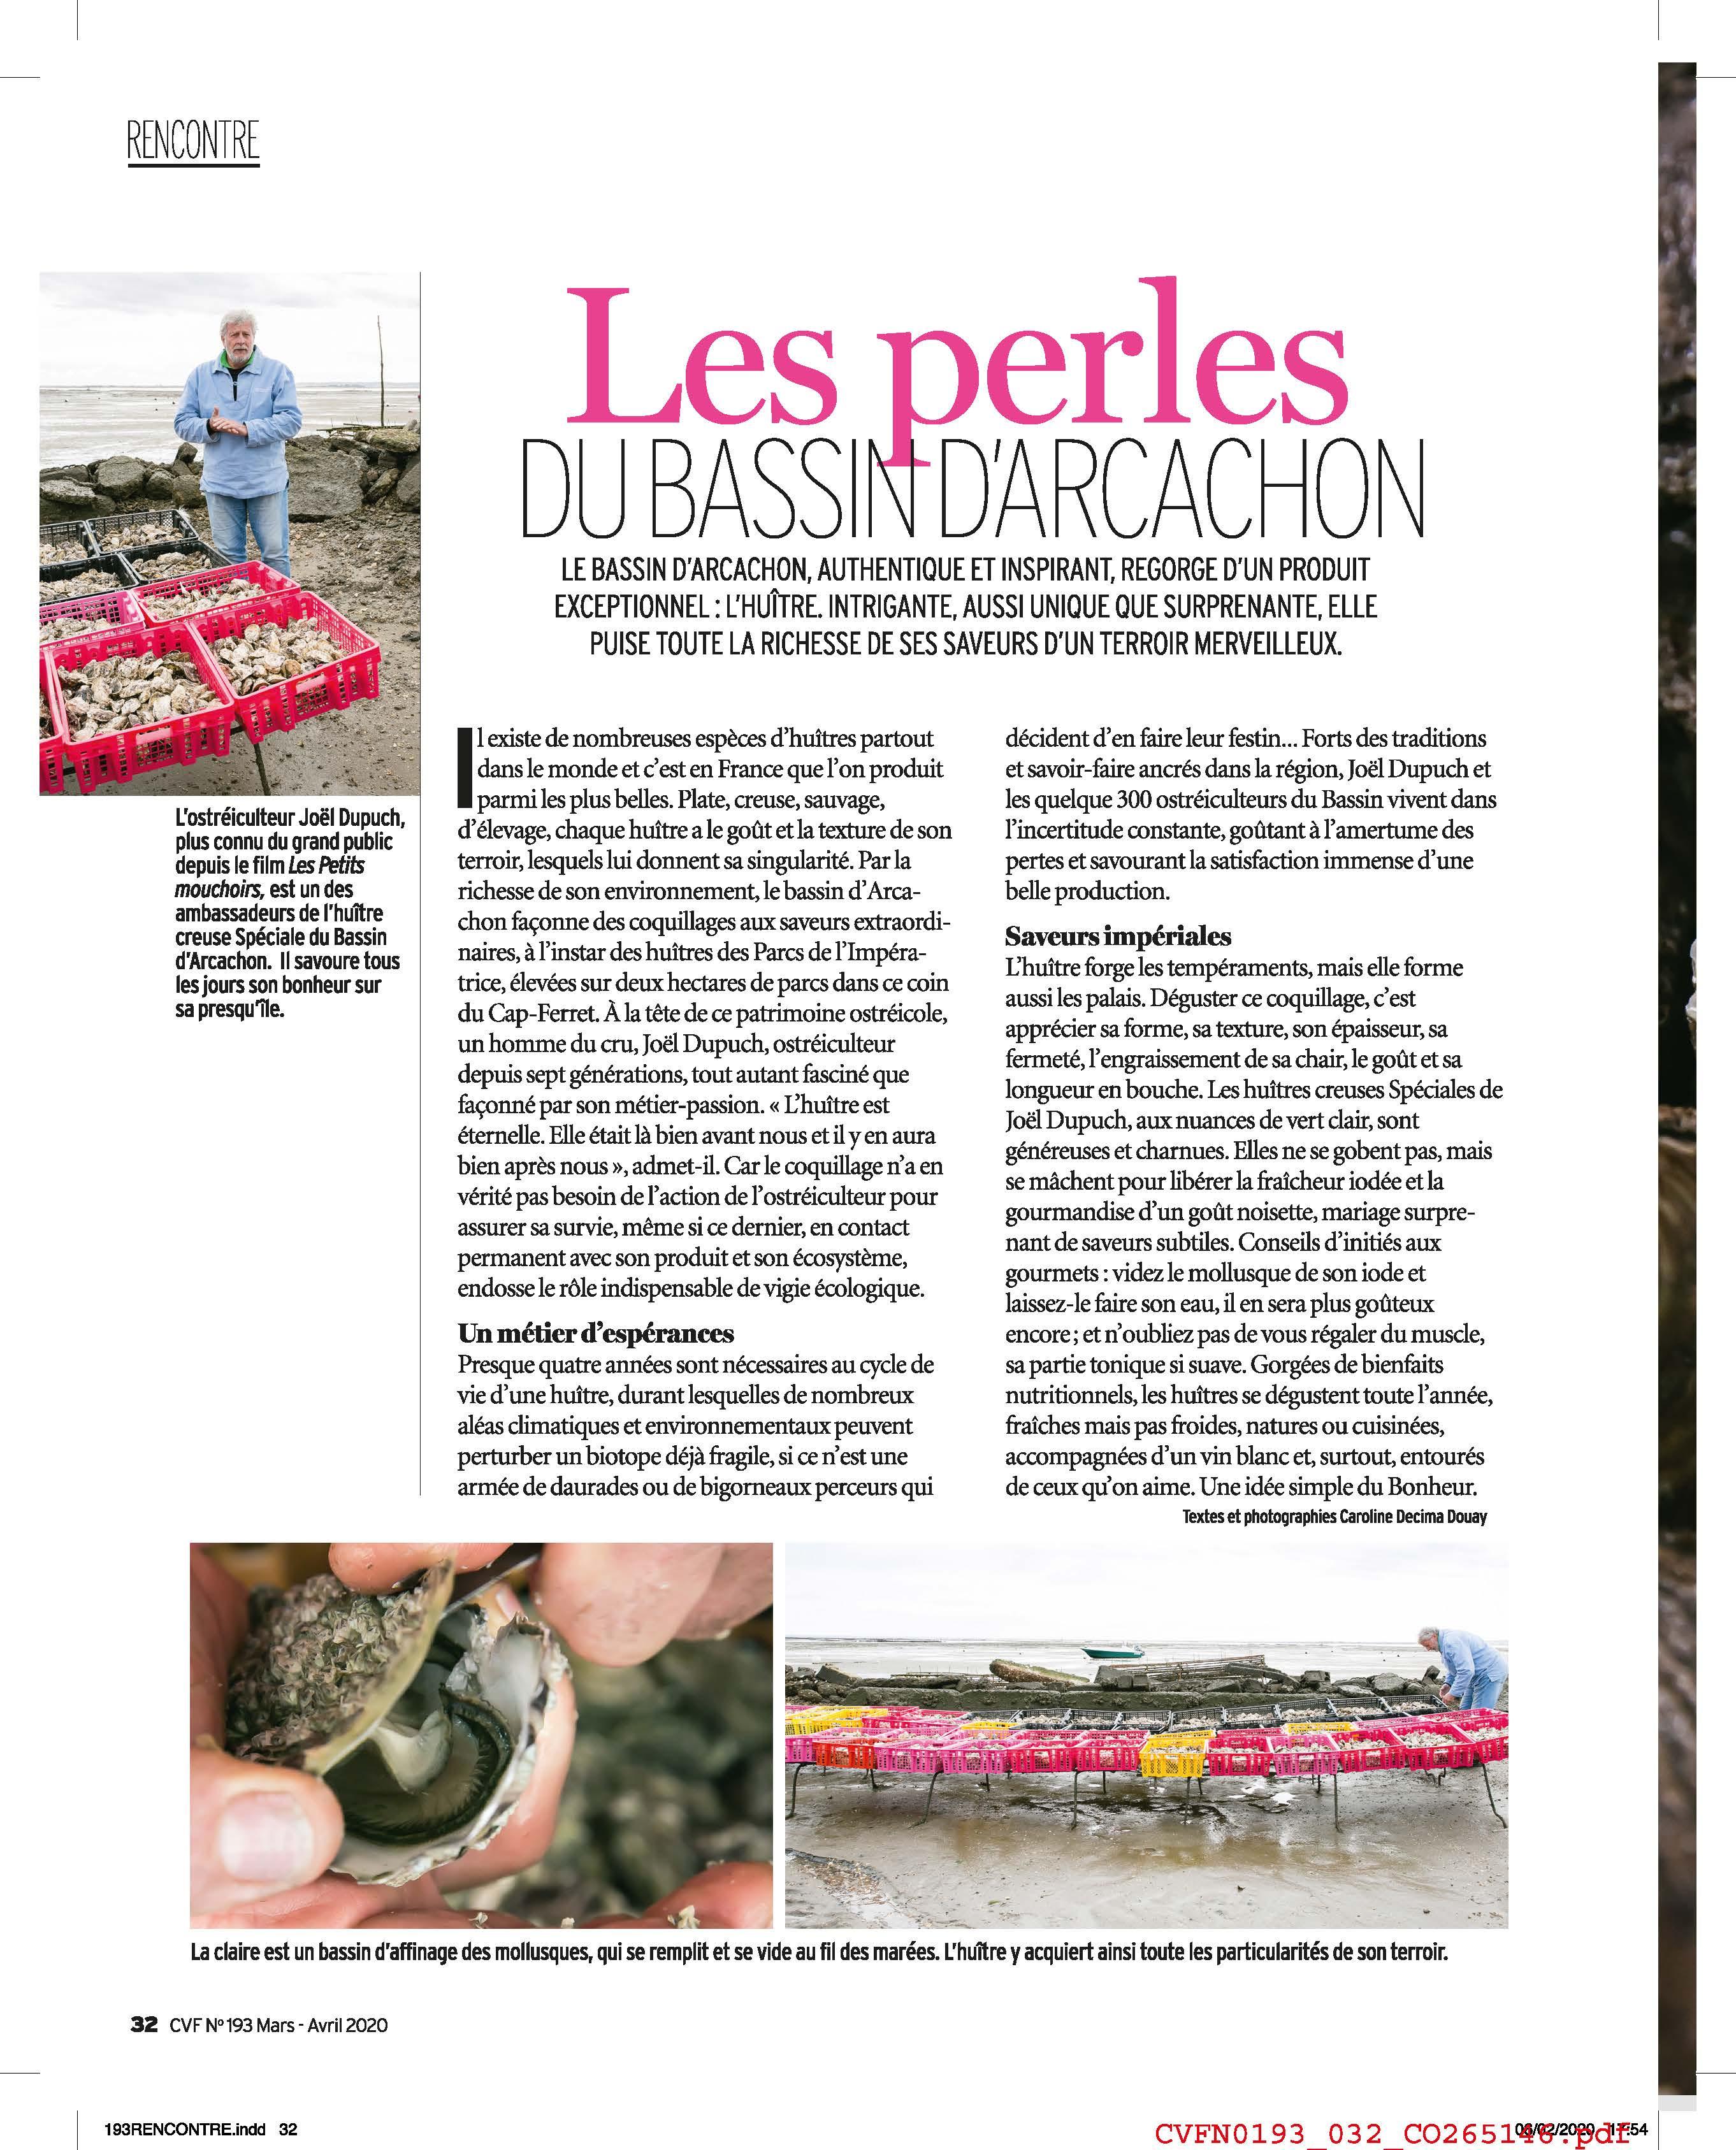 Les Huîtres du Bassin D'Arcachon, Parcs de l'Impératrice, Cuisine et Vins de France, Joël Dupuch